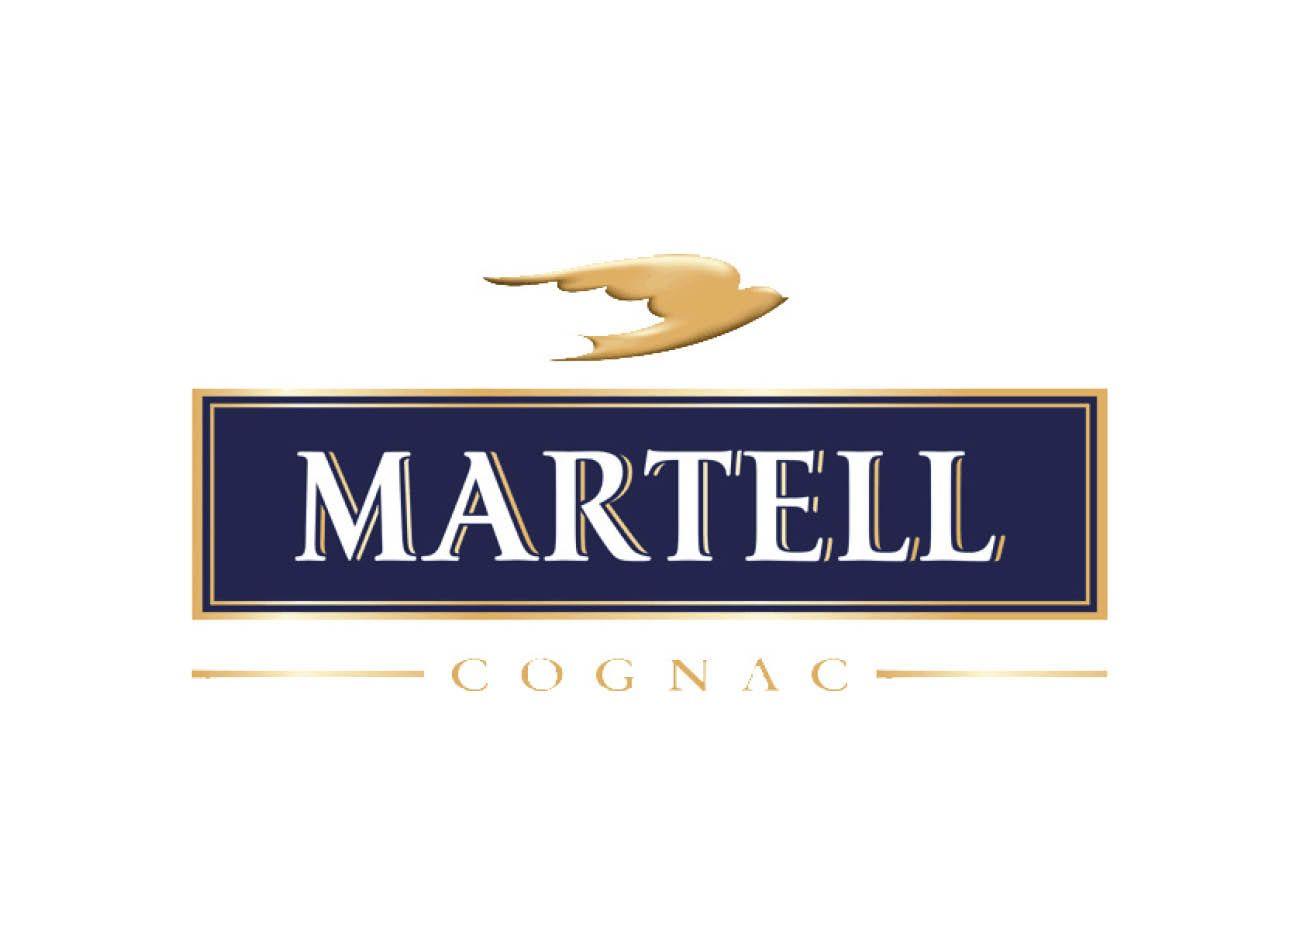 Martell-Cognac.jpeg